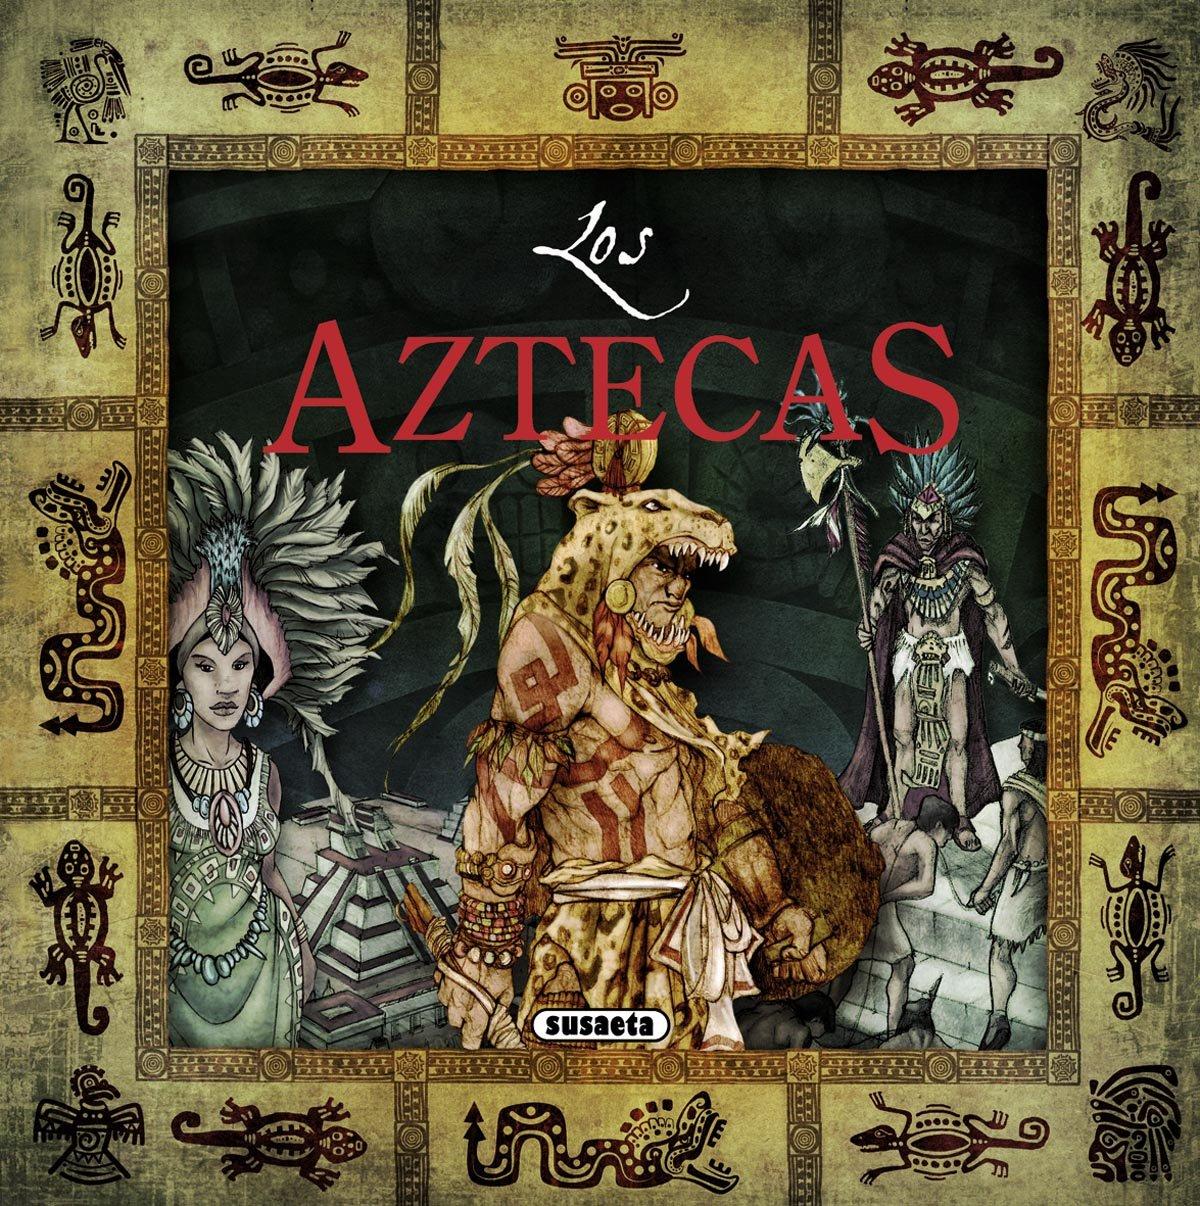 Los Aztecas (Civilizaciones perdidas)